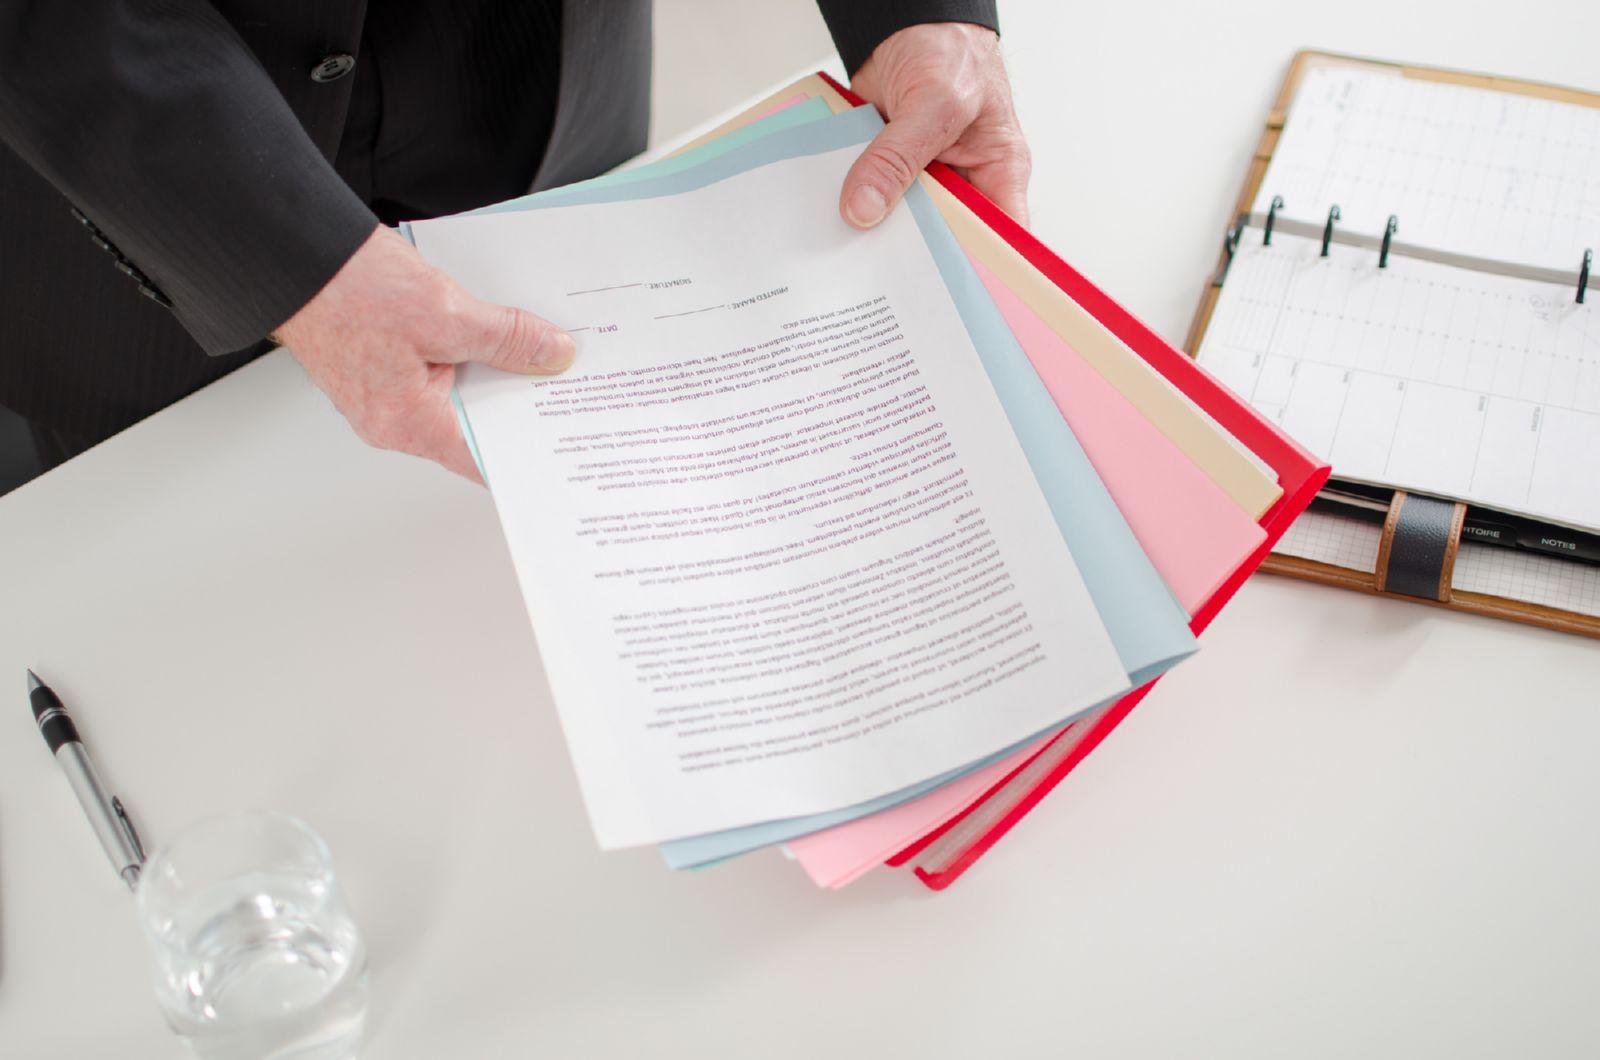 Перечень лиц, имеющих право на подачу заявления  о проведении технической инвентаризации